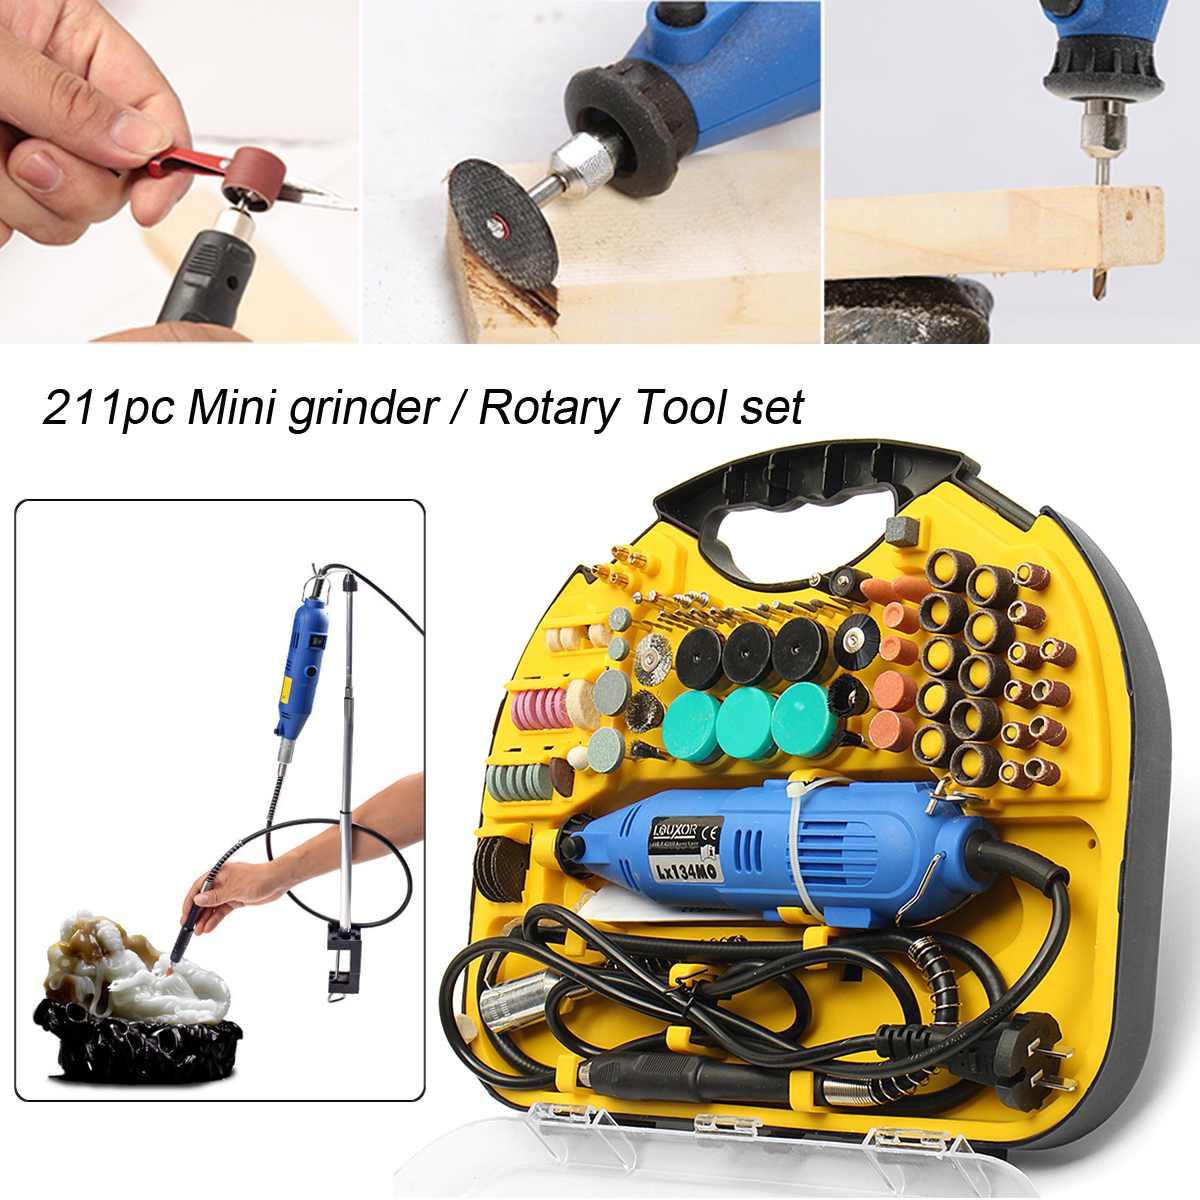 220V Werkzeuge Elektrische Mini Drill Rotary Tools Kit Set Für Dremel 3000 4000 Hand Metallbearbeitung Bohren Maschine Polieren